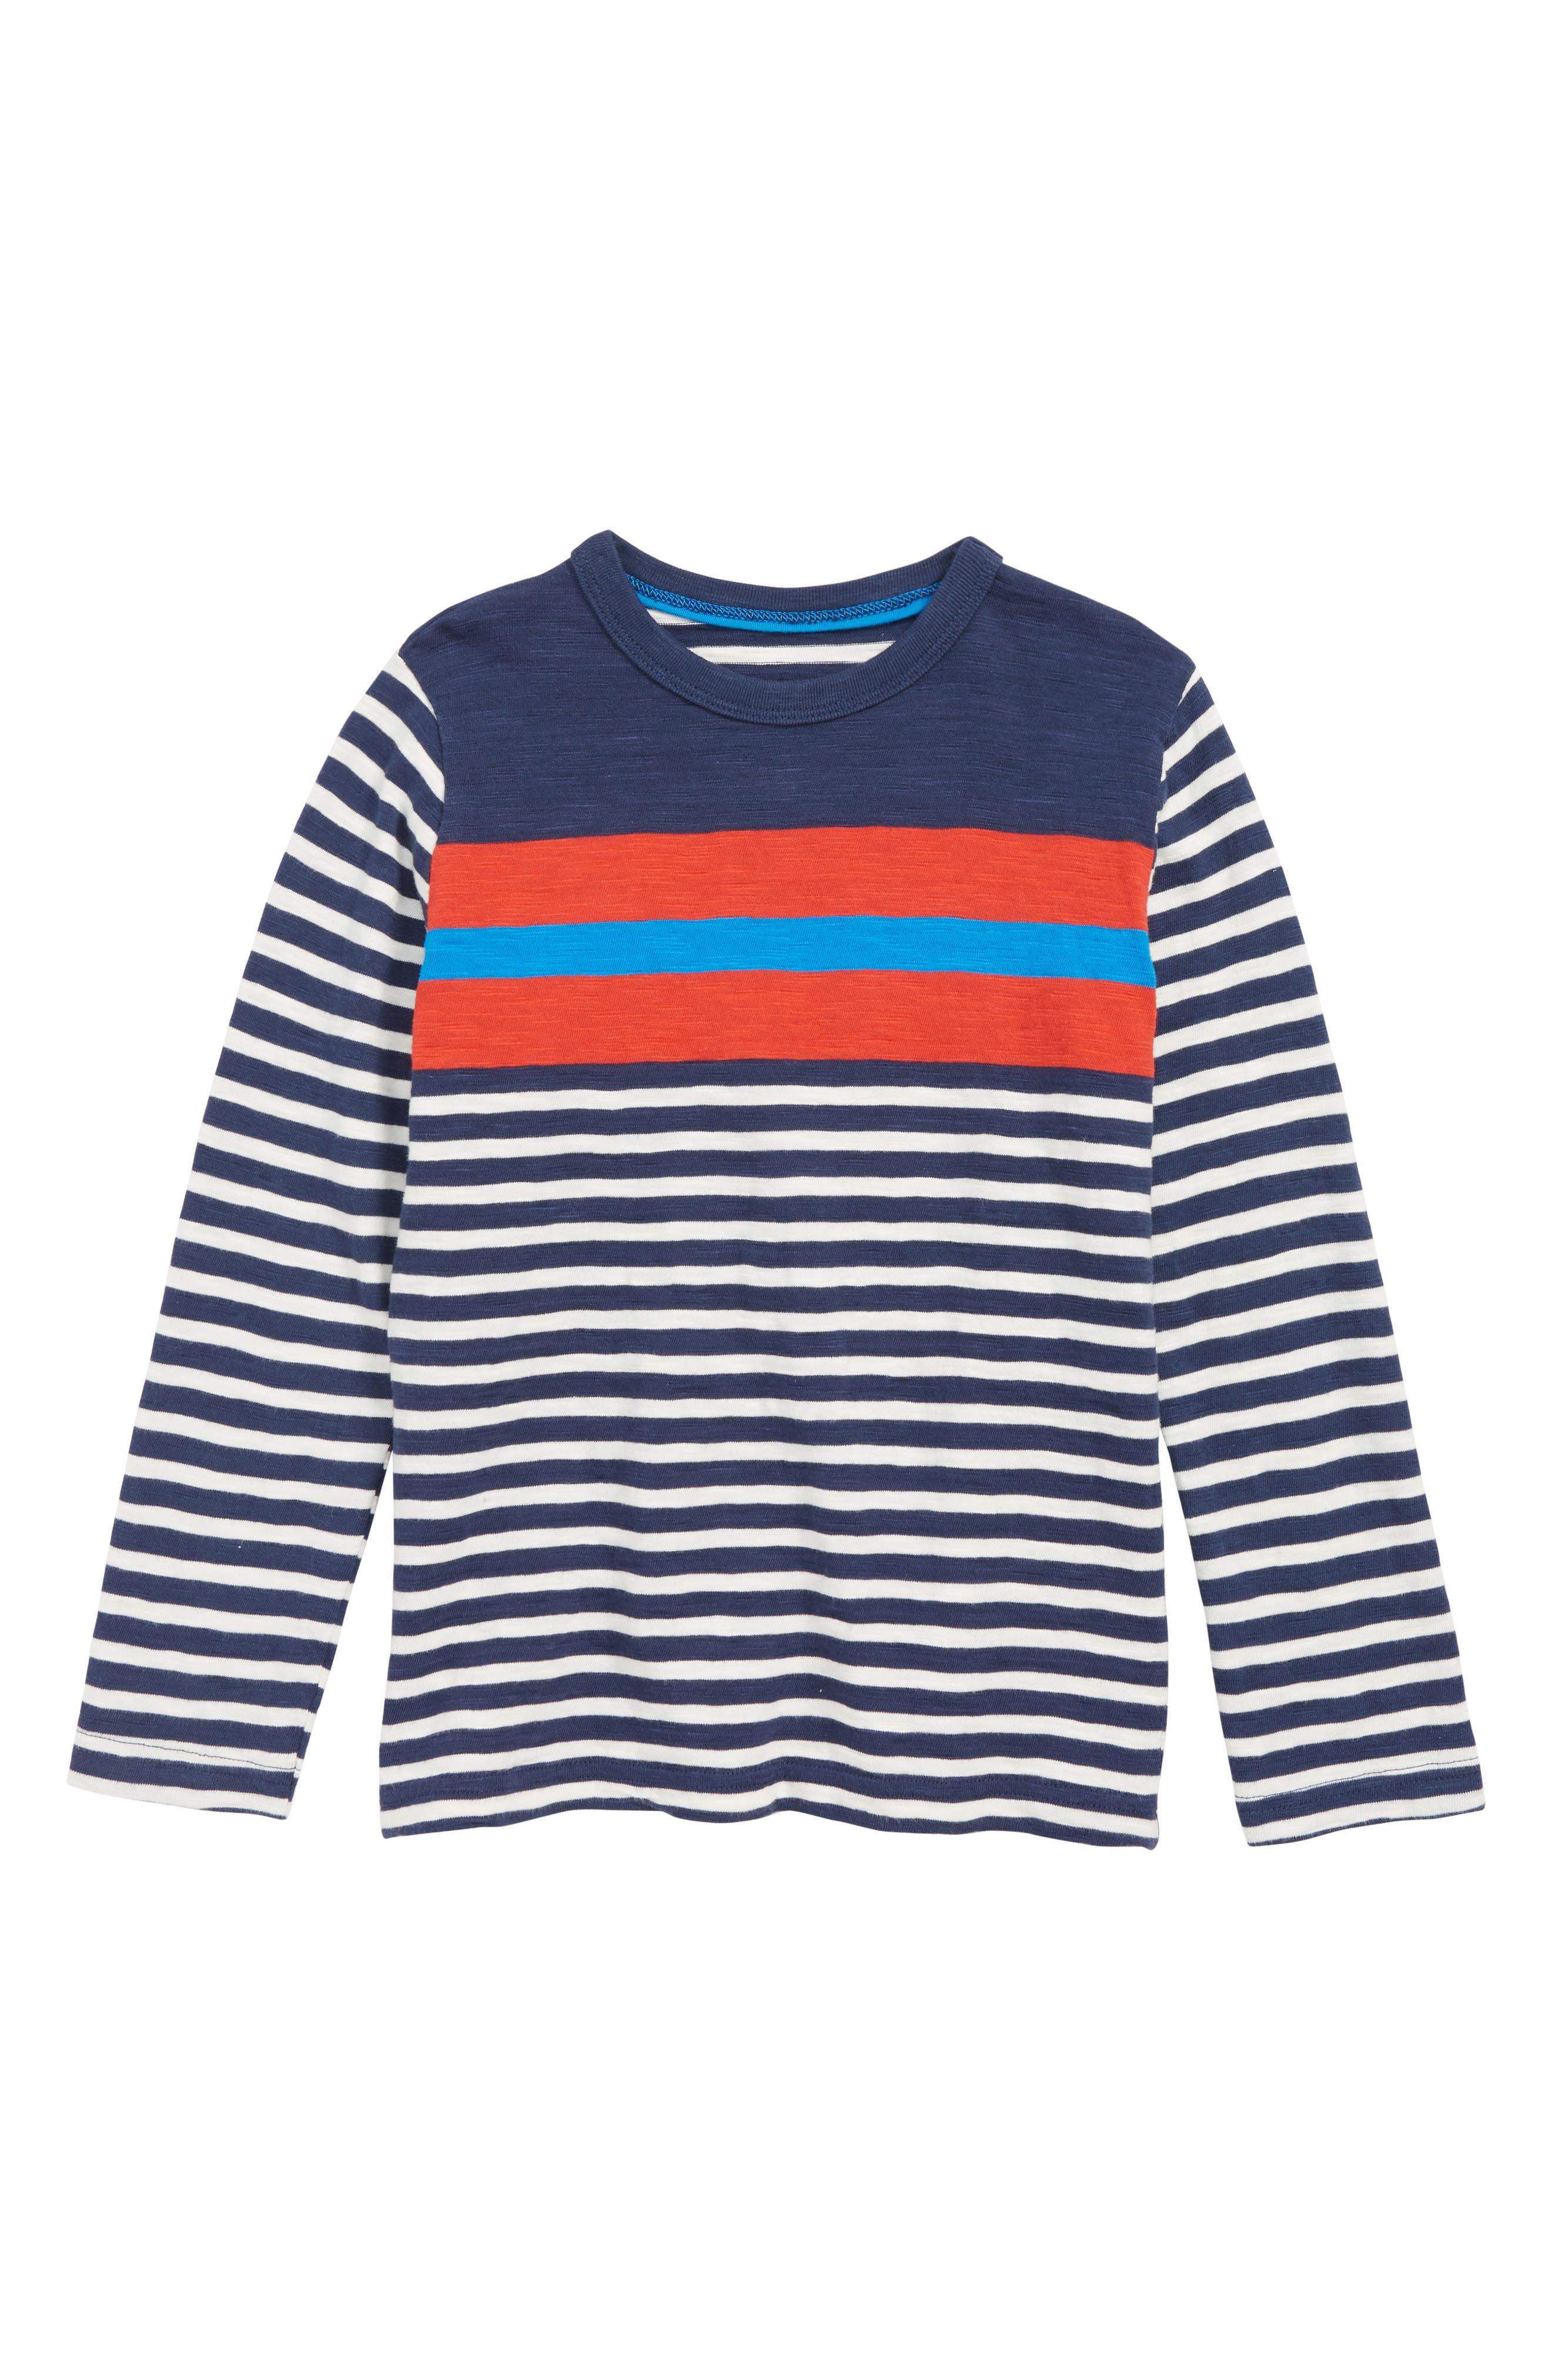 Boys Mini Boden Stripy TShirt Size 910Y  Grey